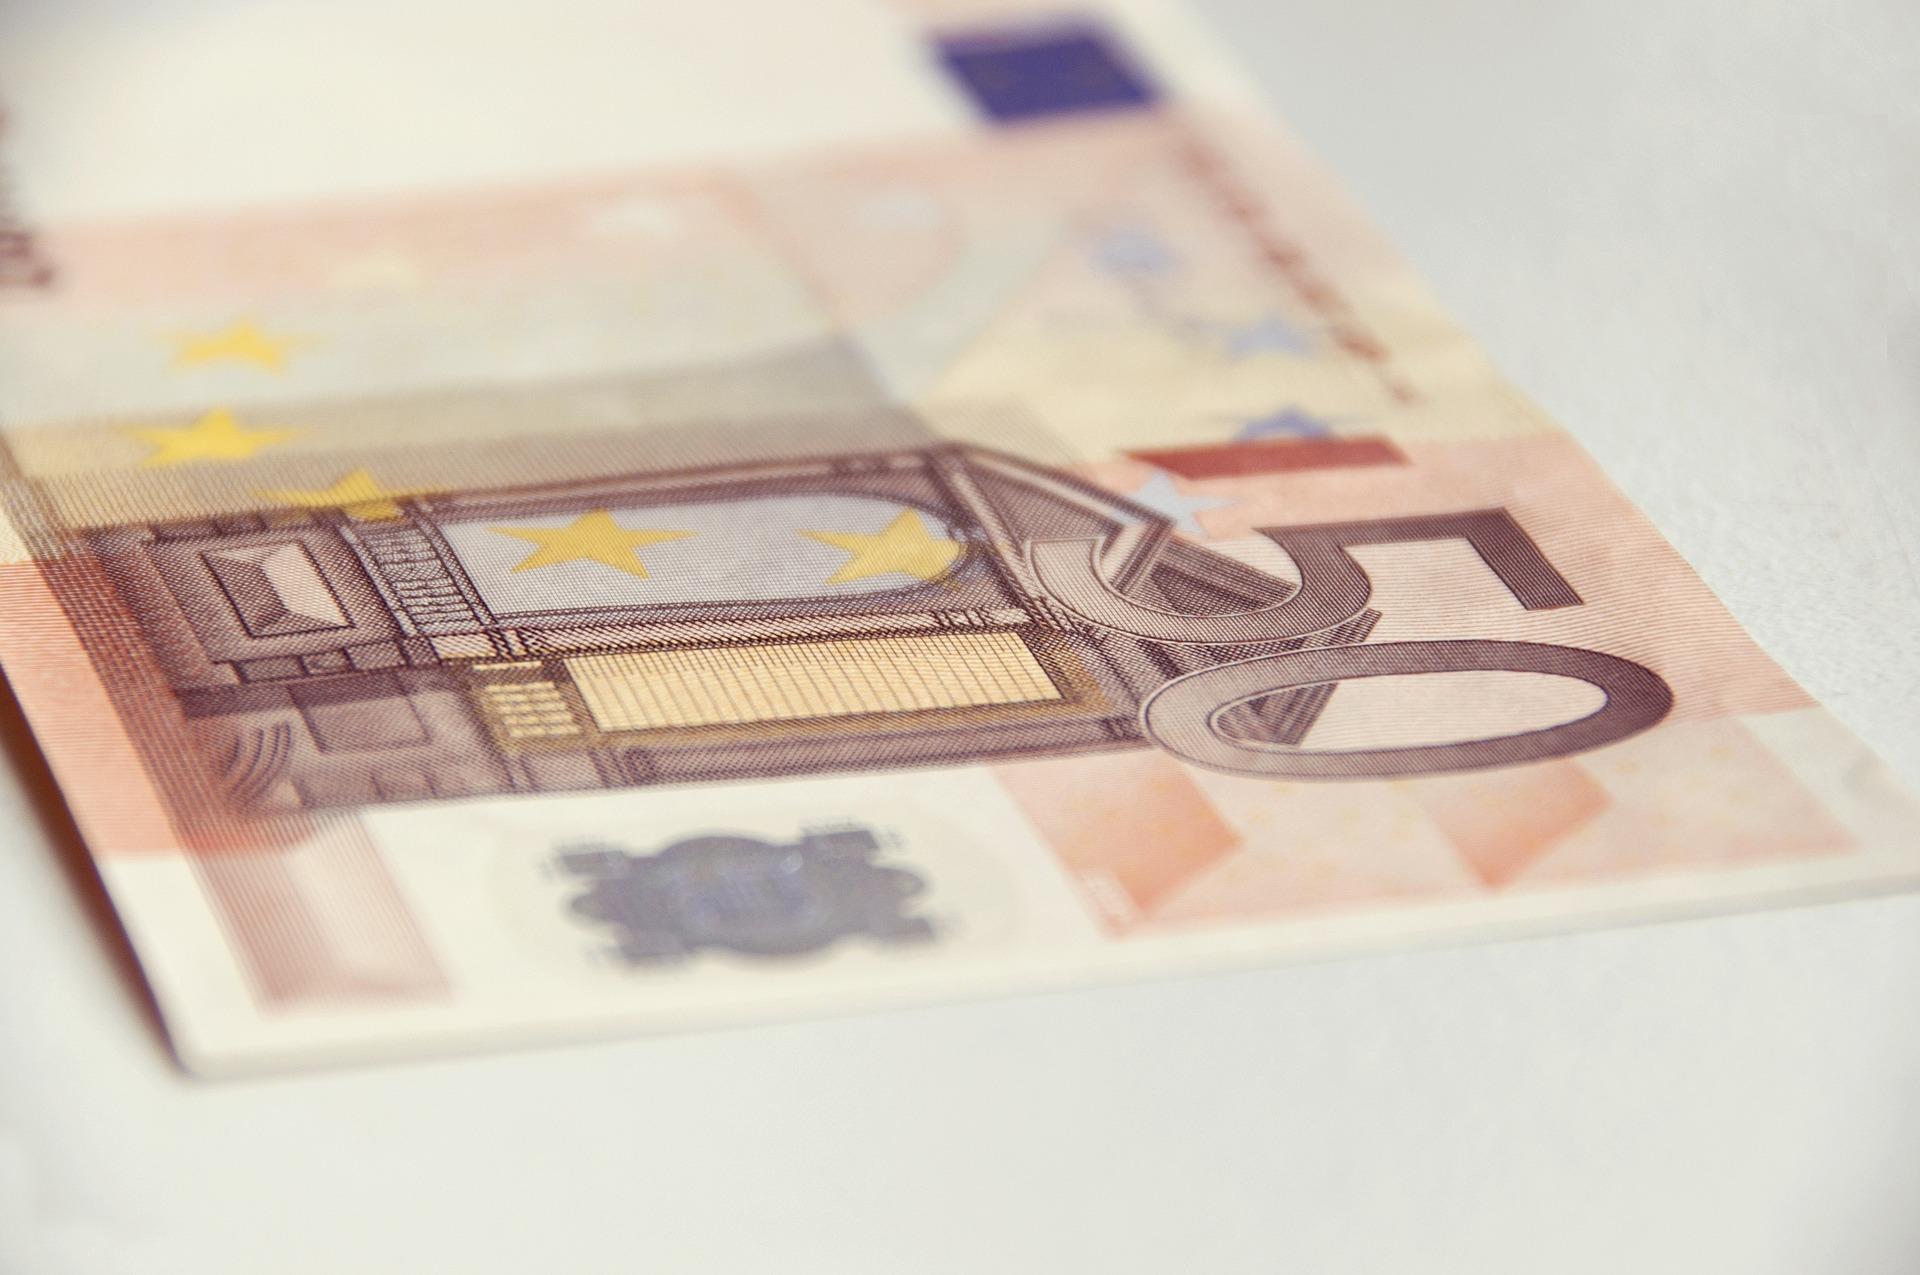 money-856042_1920